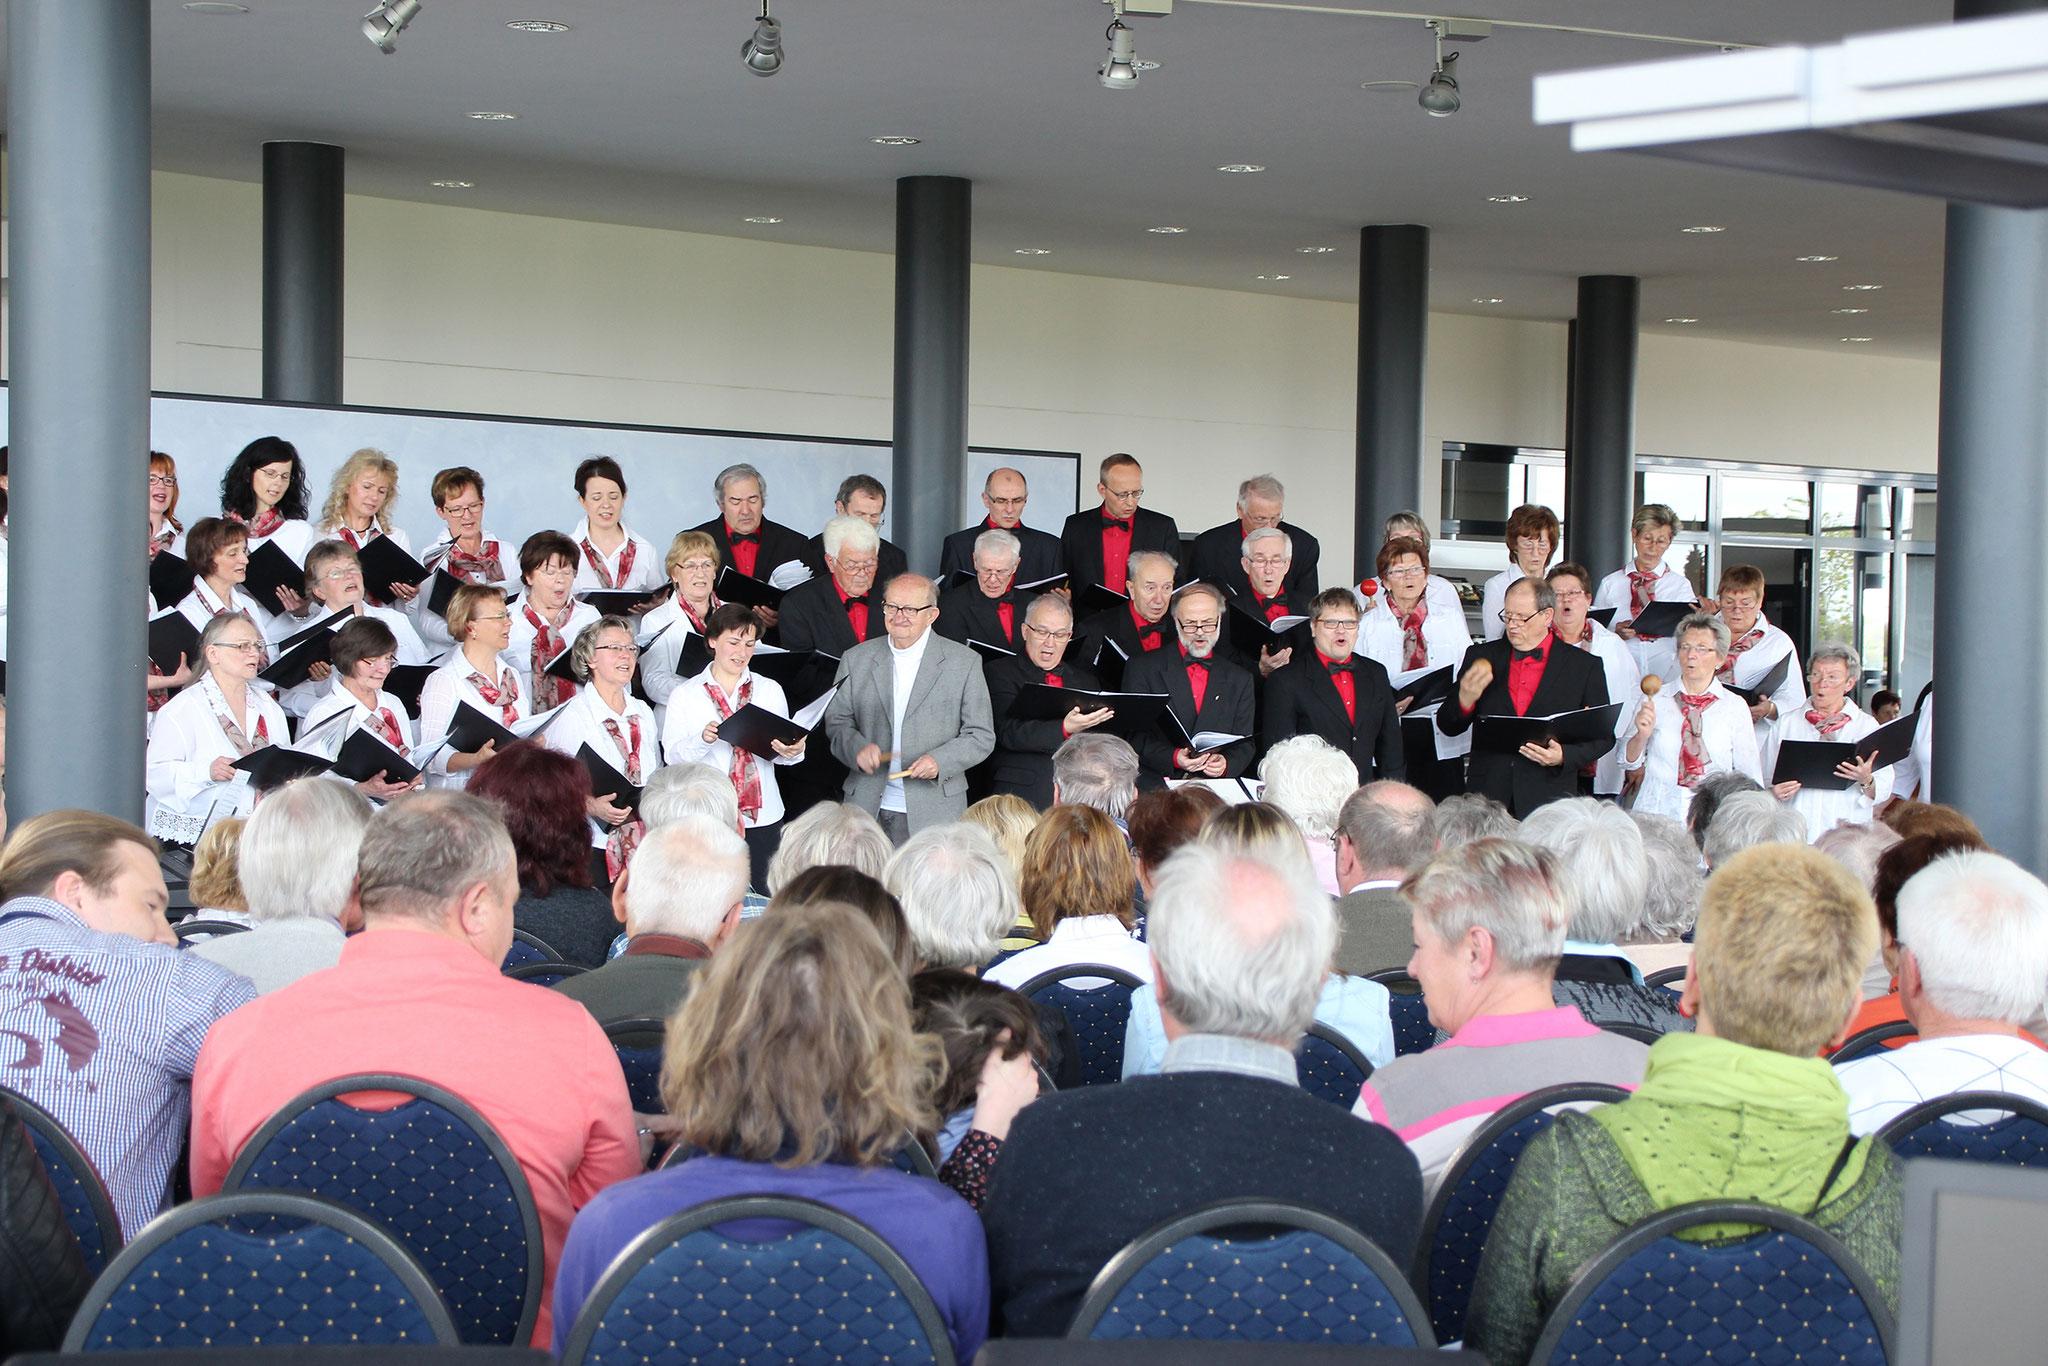 Frühlingskonzert im Autohaus Bruno Widmann in Zeithain 2017